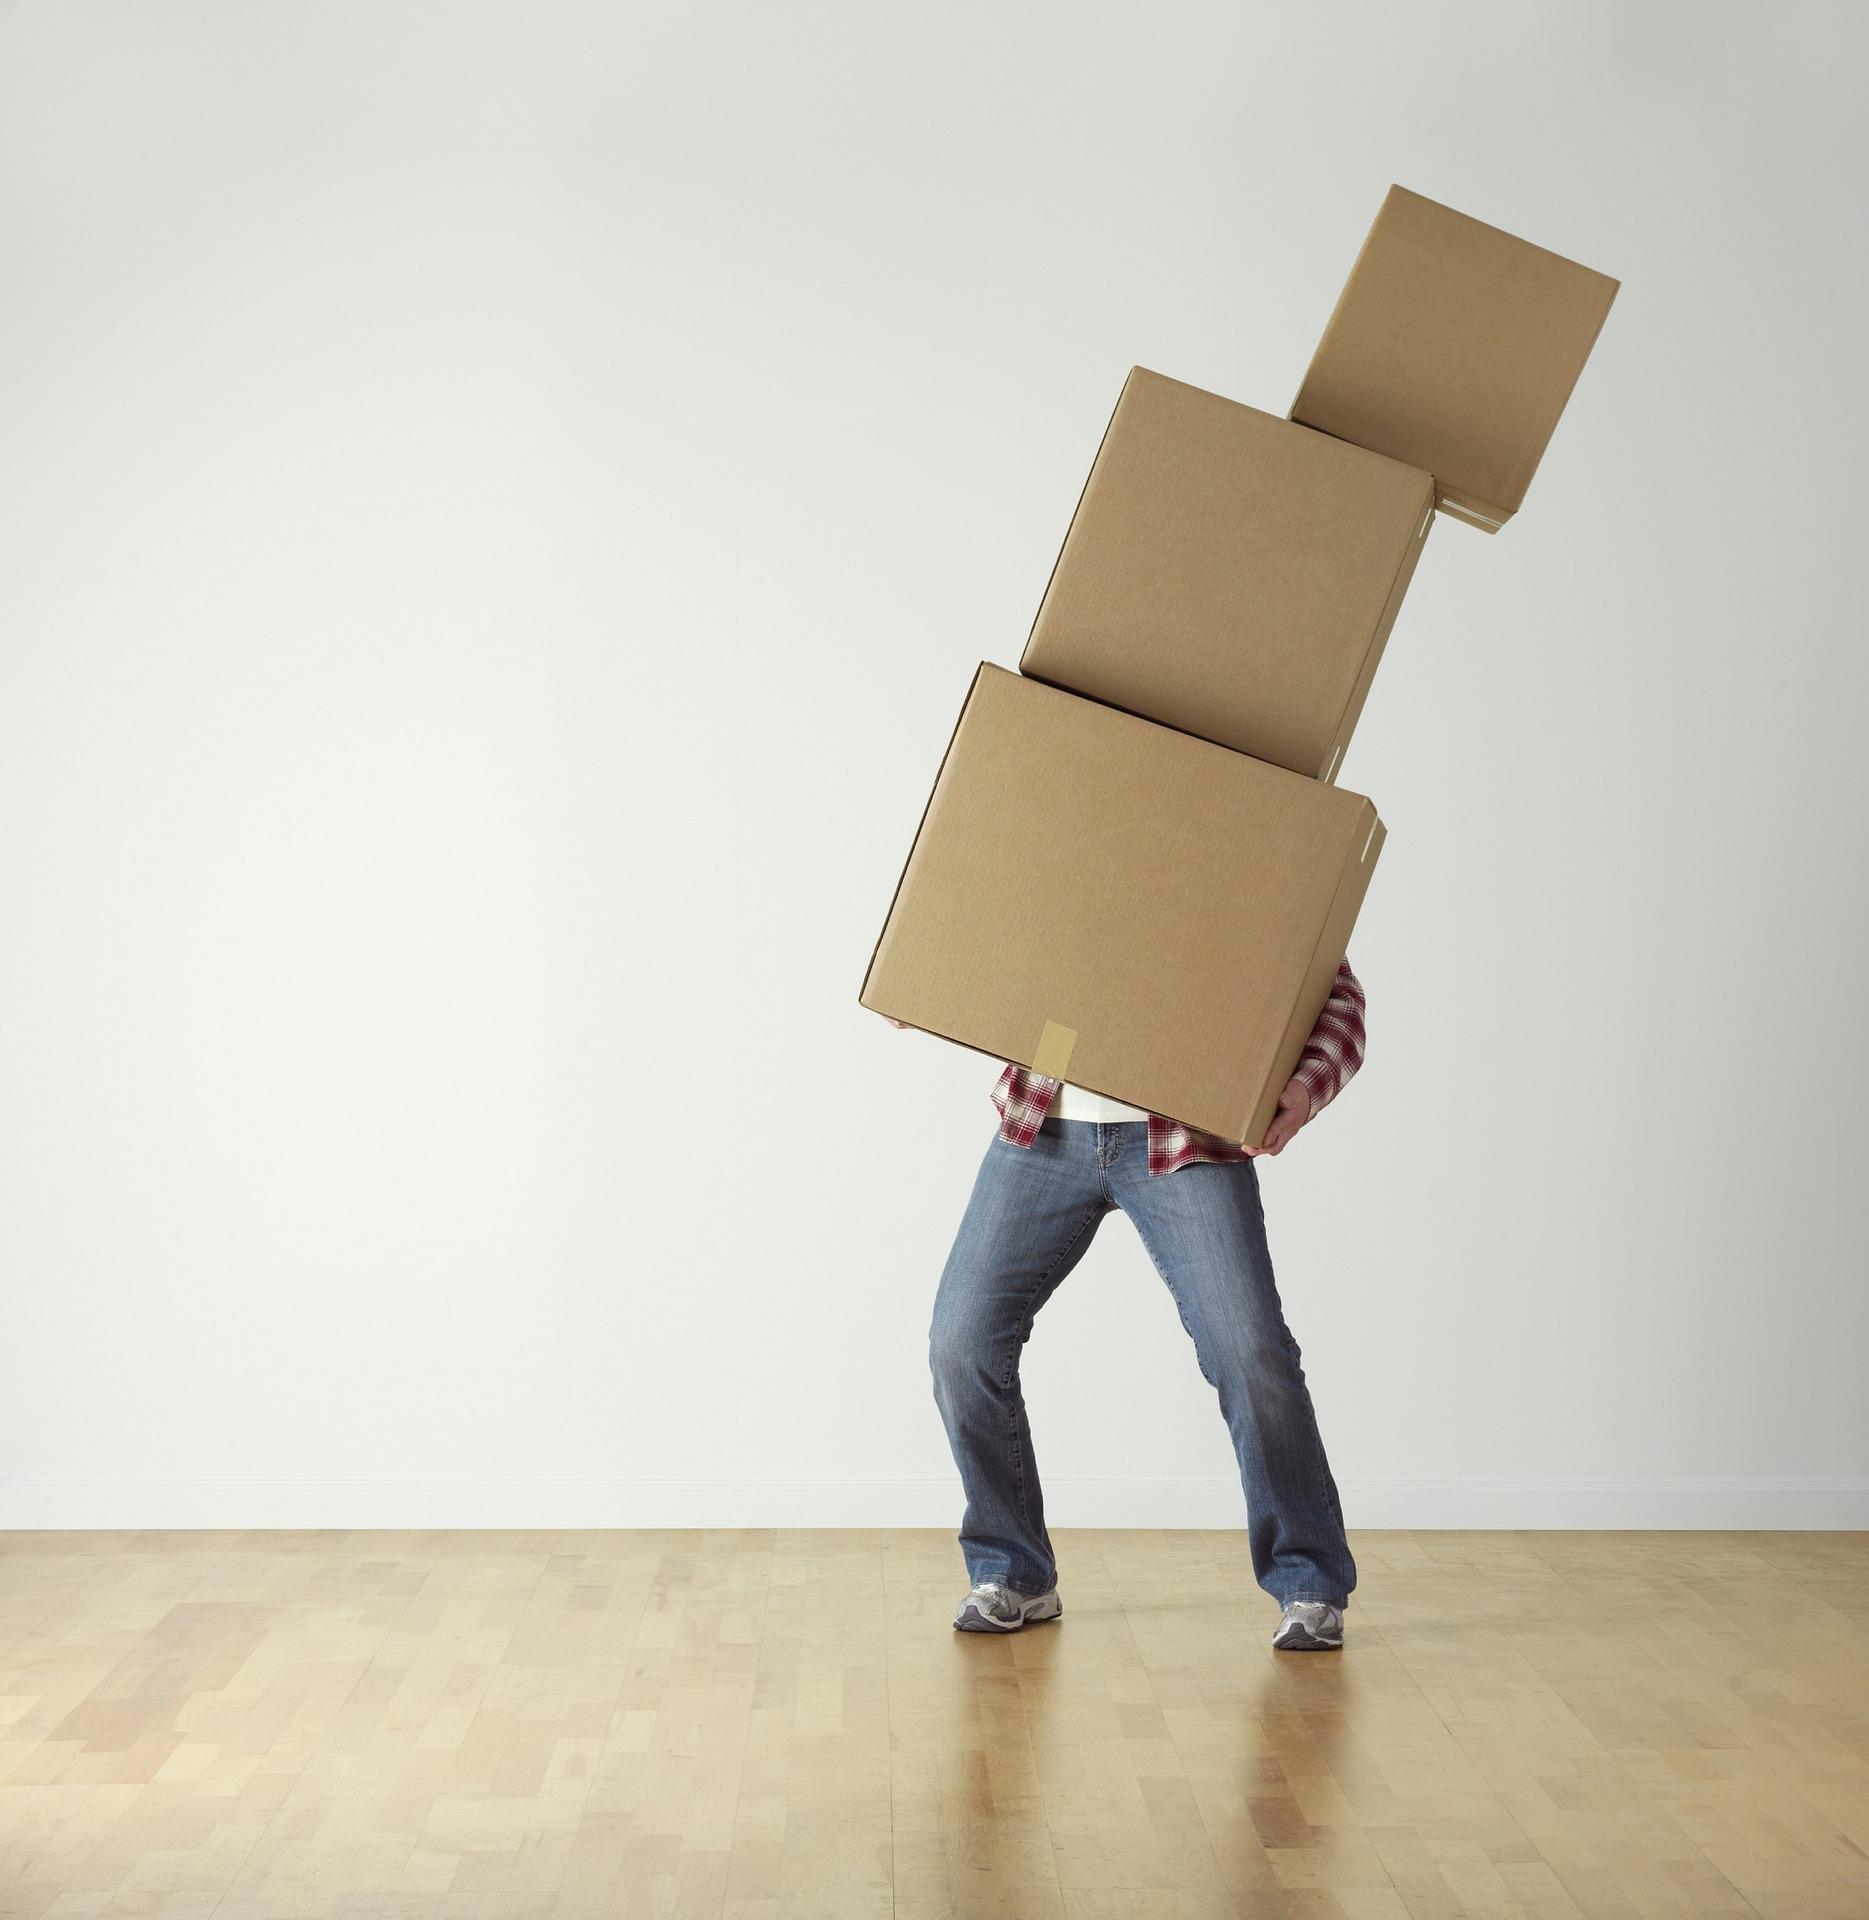 Mensch jongliert mit Boxen